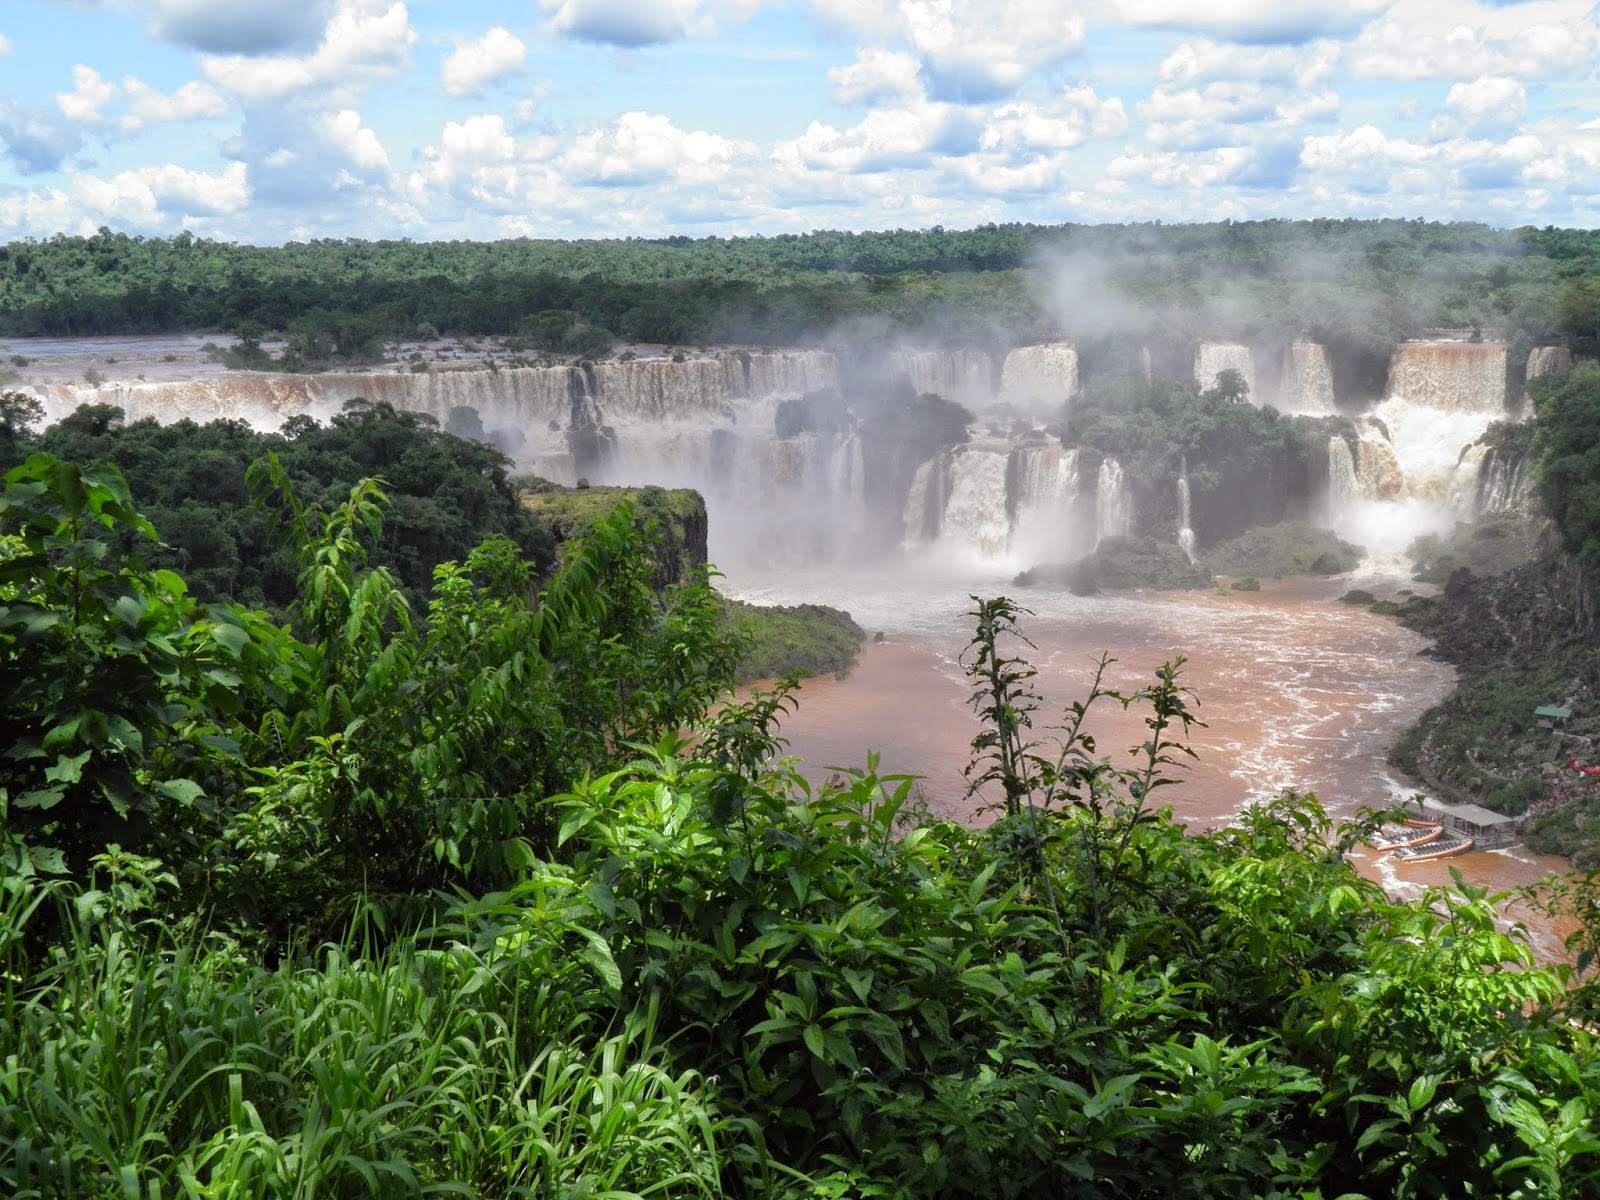 Parque Nacional do Iguaçu - Cataratas do Iguaçu